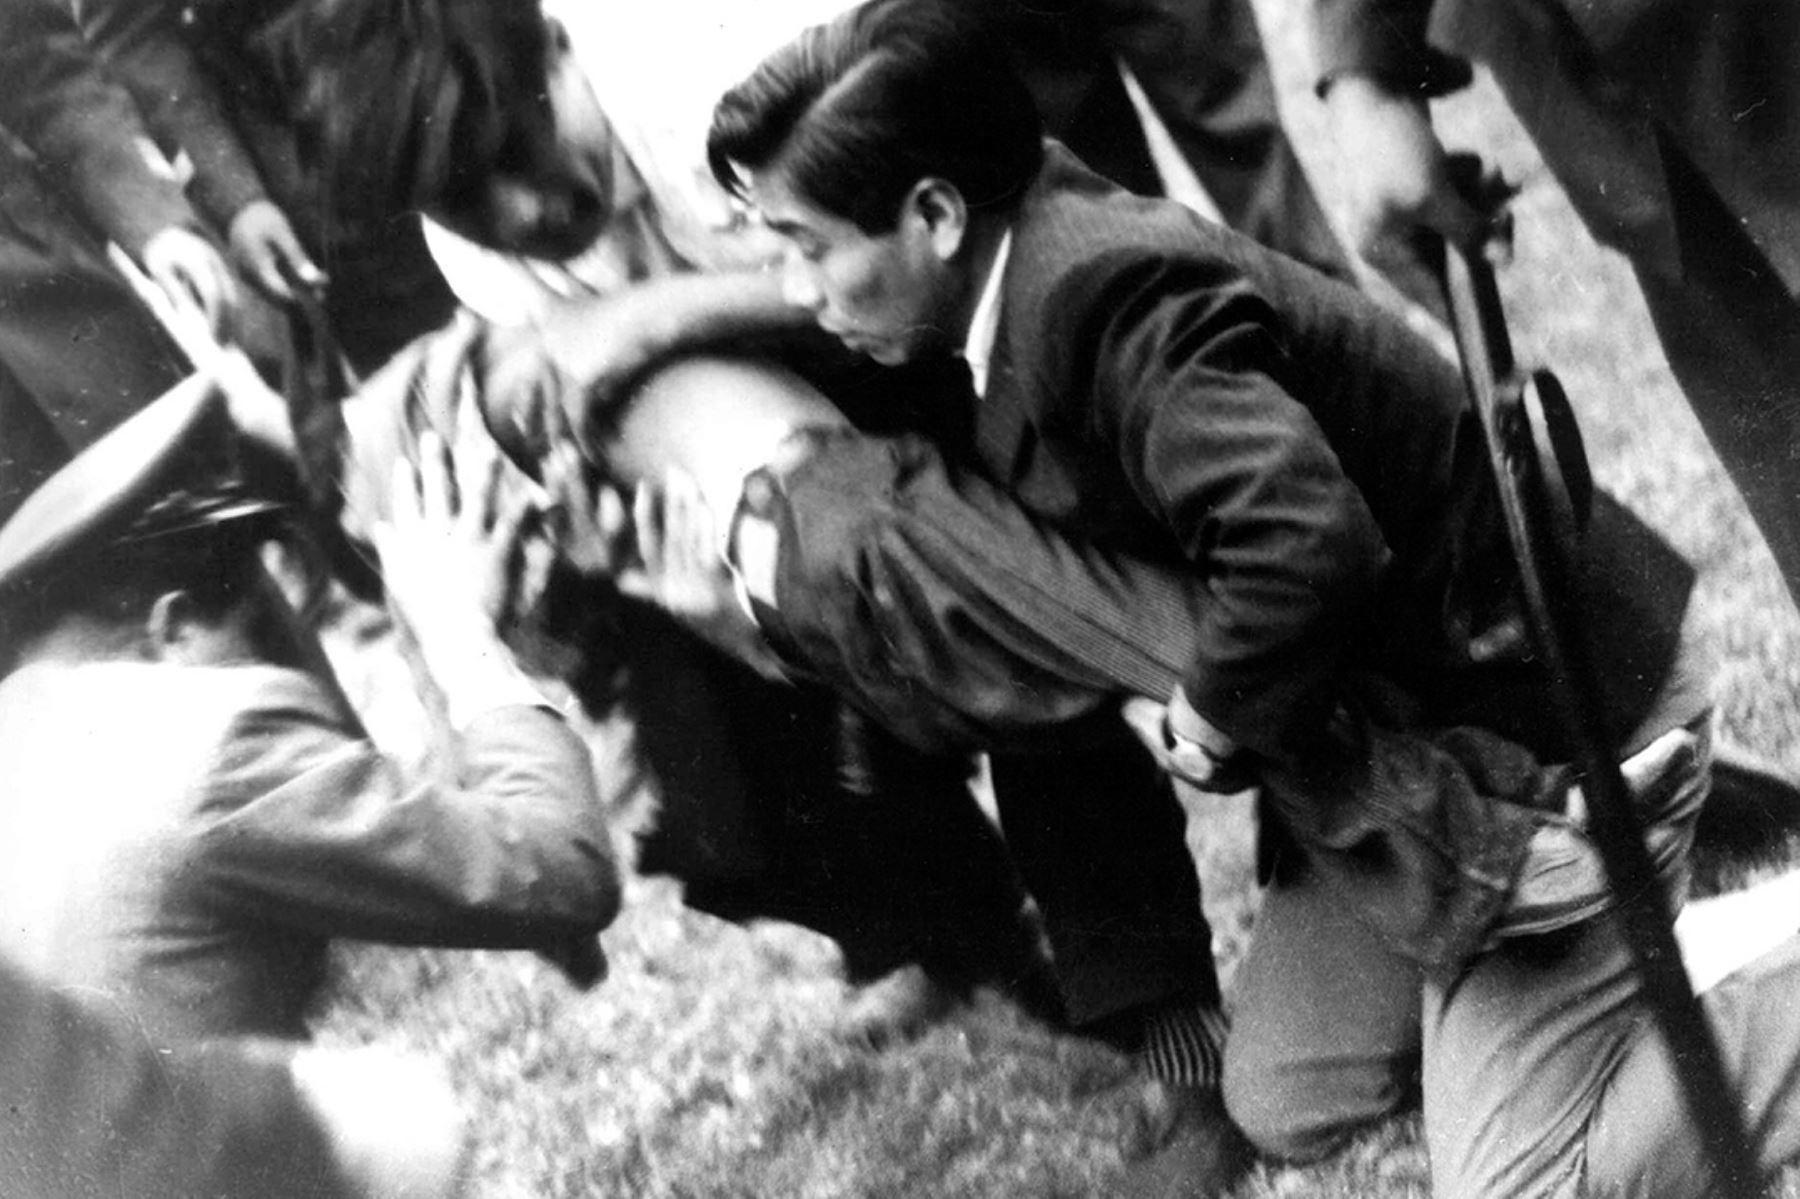 Lima - 24 mayo 1964. Un hombre herido recibe ayuda en el Estadio Nacional luego de un partido de clasificación para los Juegos Olímpicos de Tokio entre Perú y Argentina. La anulación de un gol peruano originó protestas e hizo que la policía  arrojara gases lacrimógenos al público generando caos y una estampida en la que murieron más de 300  personas. Foto:  AFP / IPD